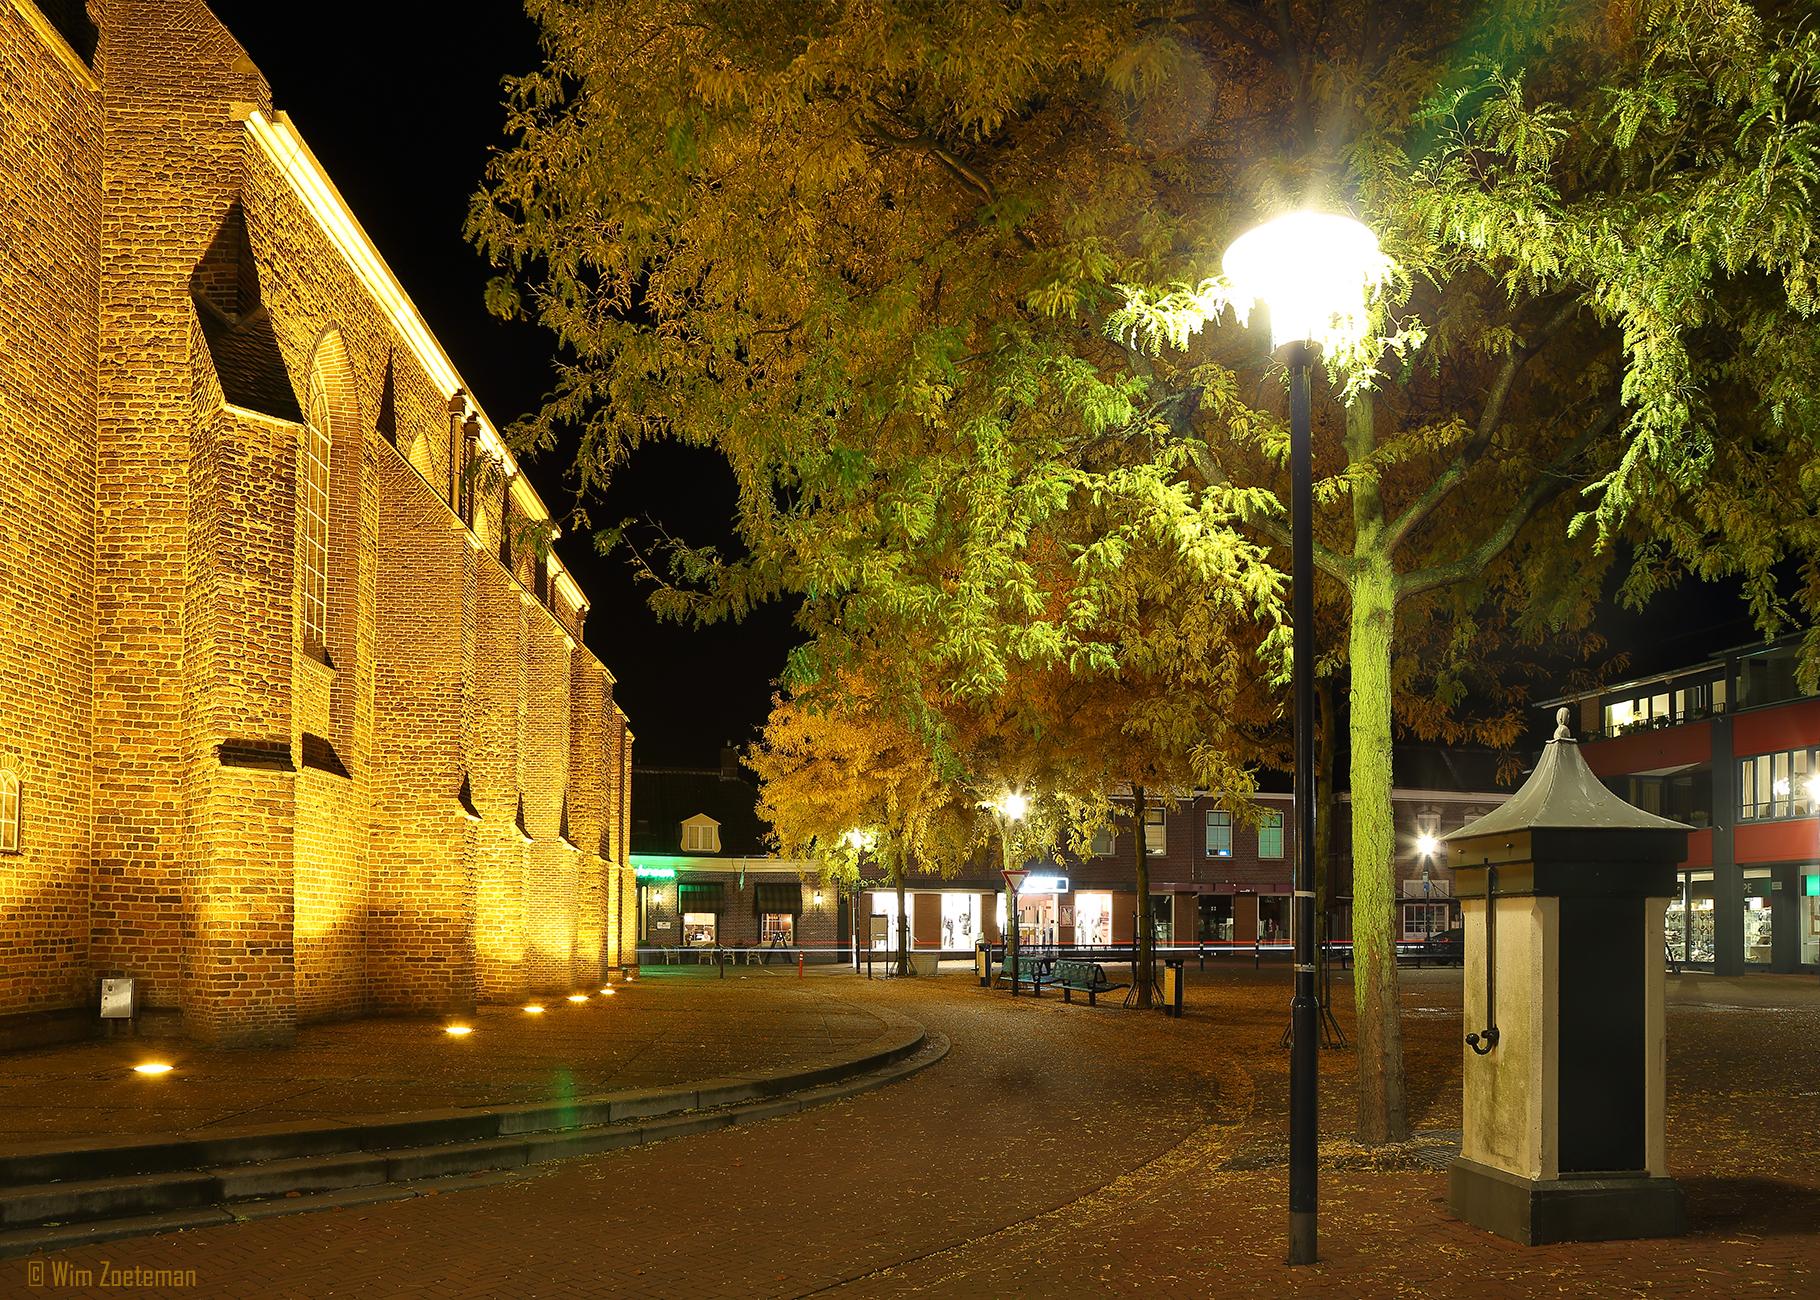 IMG_5977 Kerkplein Ruurlo